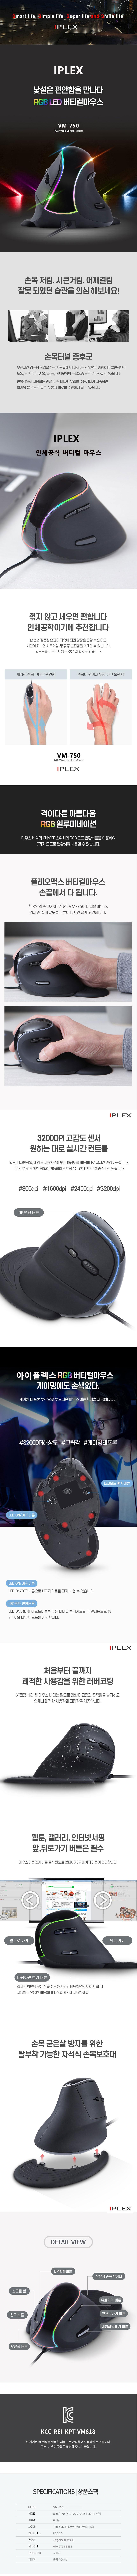 건평정보통신 IPLEX VM-750 RGB 버티컬 마우스